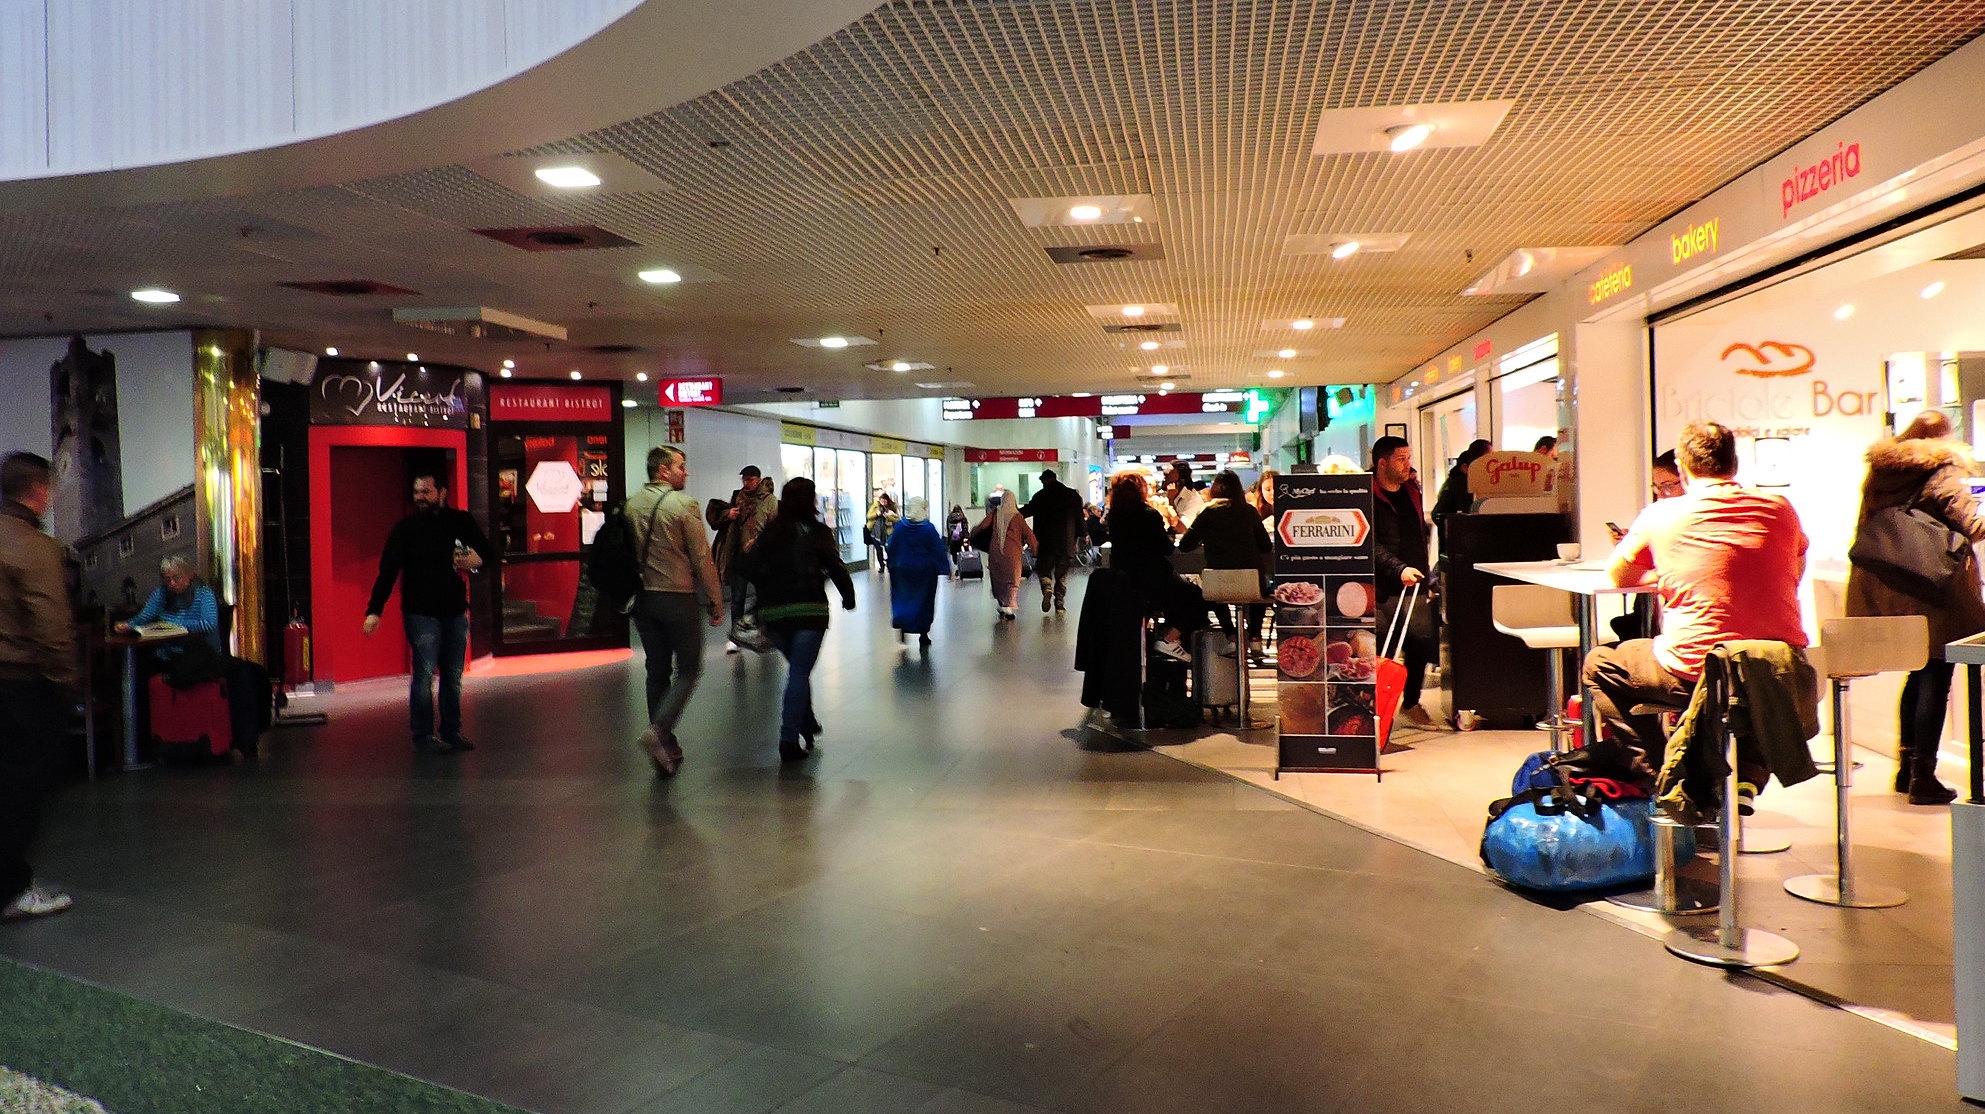 Riprendono i preparativi per la riapertura dei voli estivi da Bergamo Orio al Serio